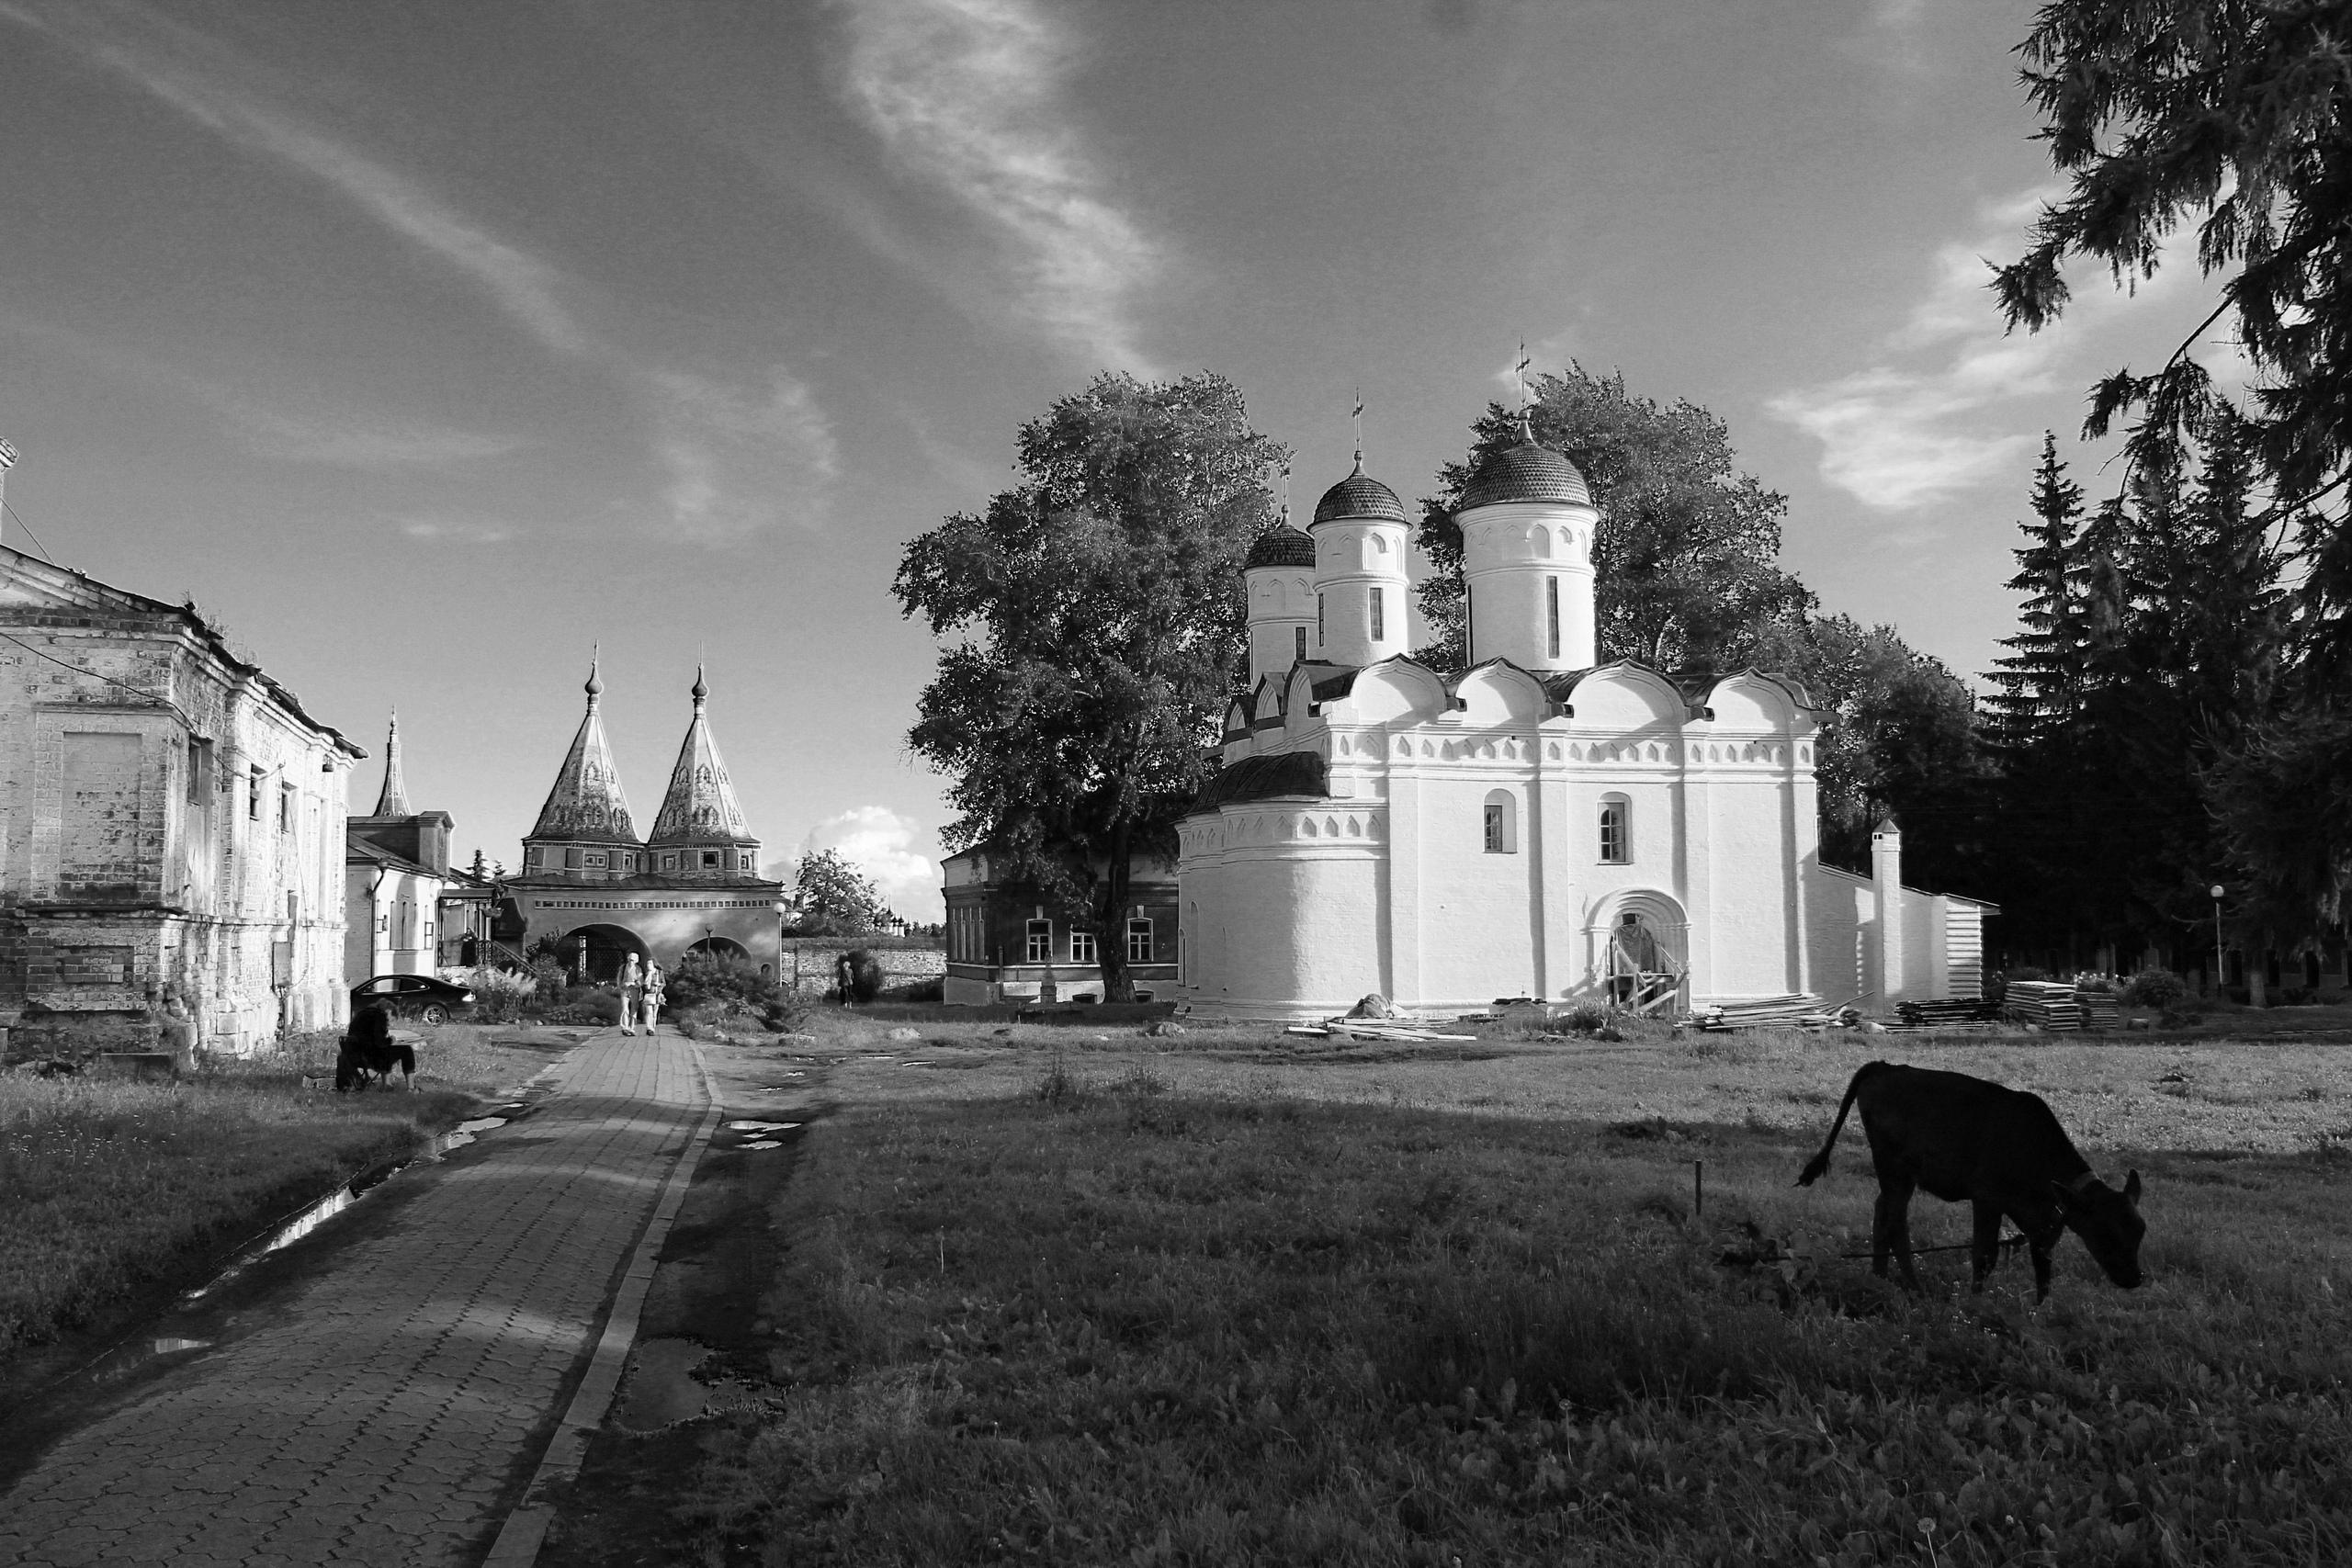 каком фото церкви может быть жанровой фотографией требованиям